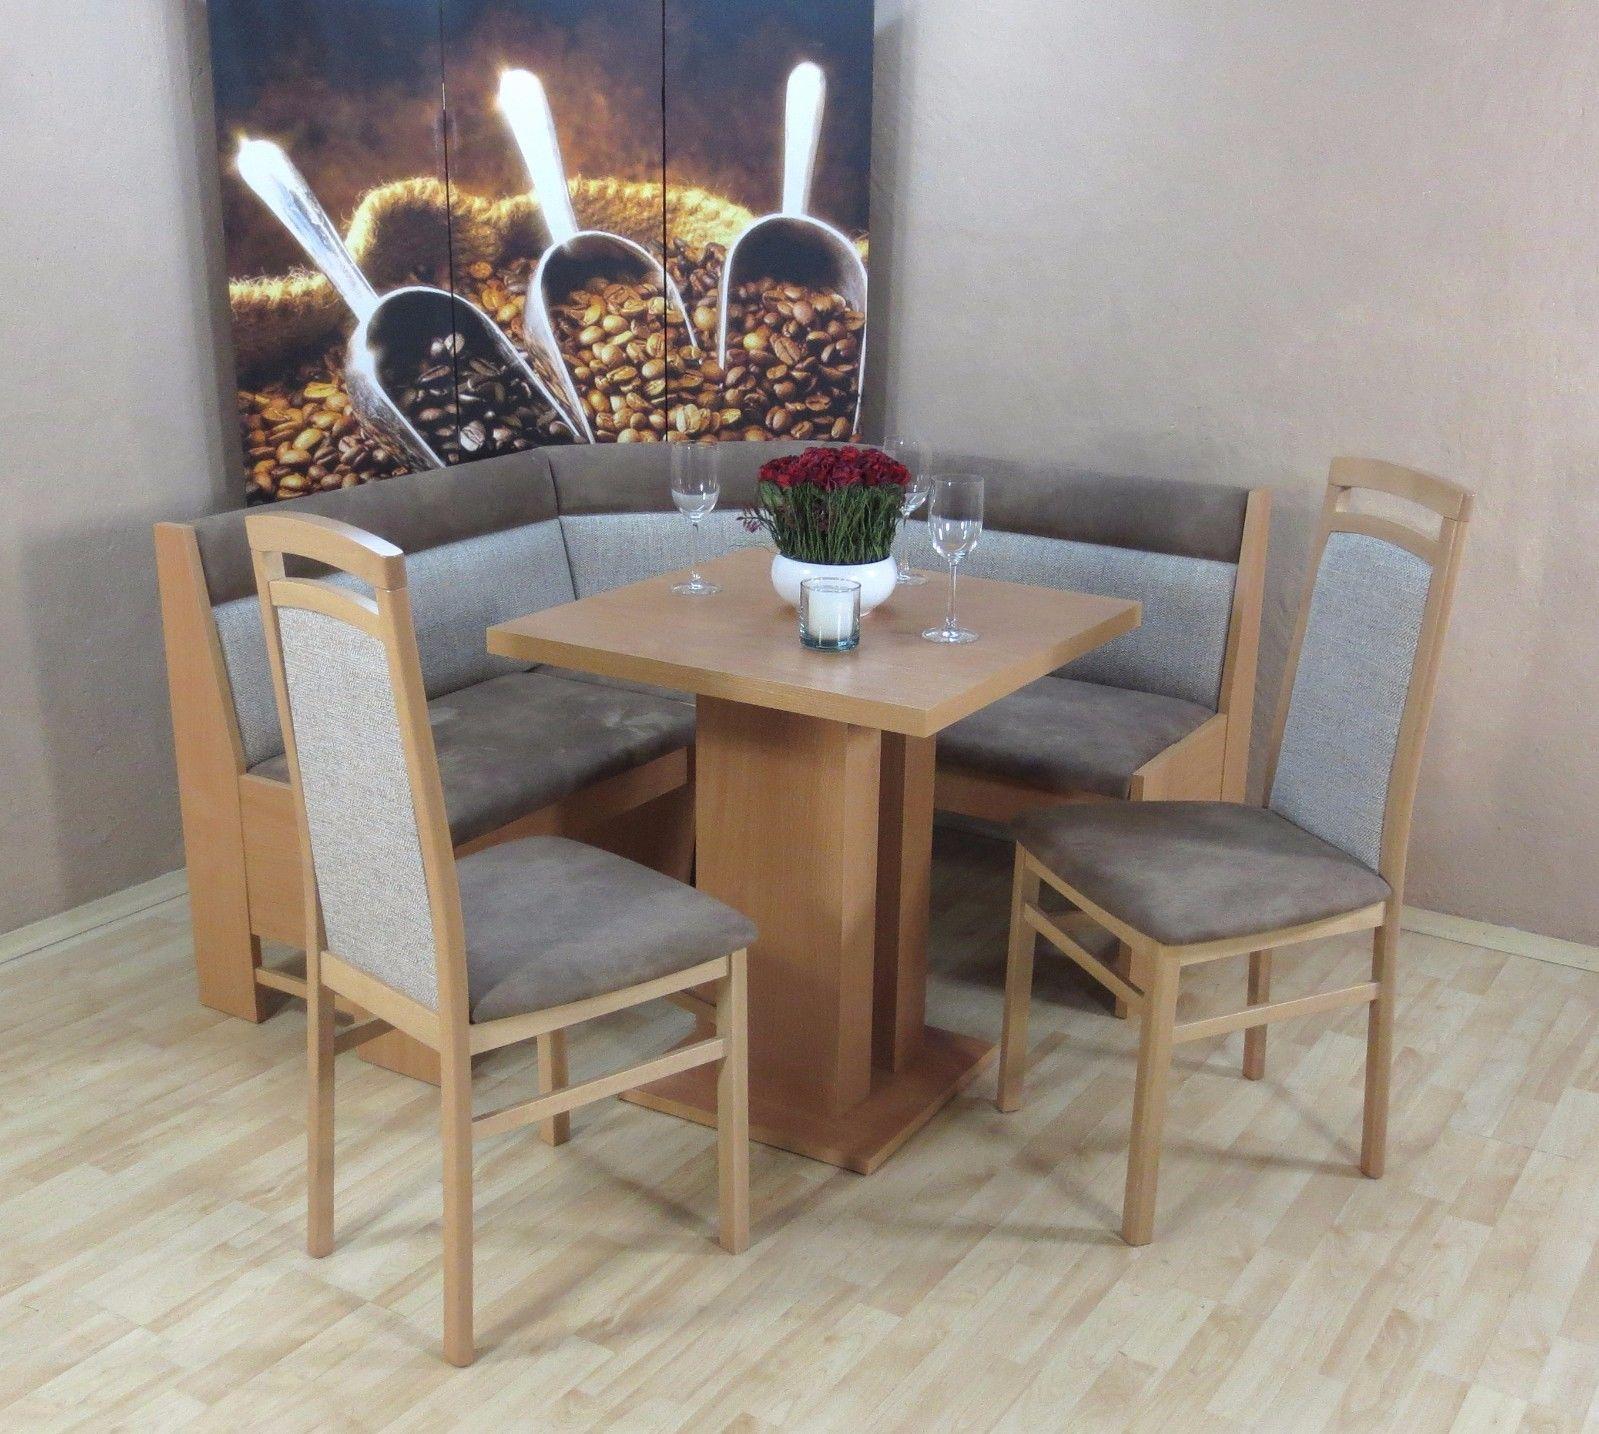 Sympathisch Stühle Für Esstisch Dekoration Von Truheneckbankgruppe Buche Natur Csuperbuccino Essgruppe 2 X